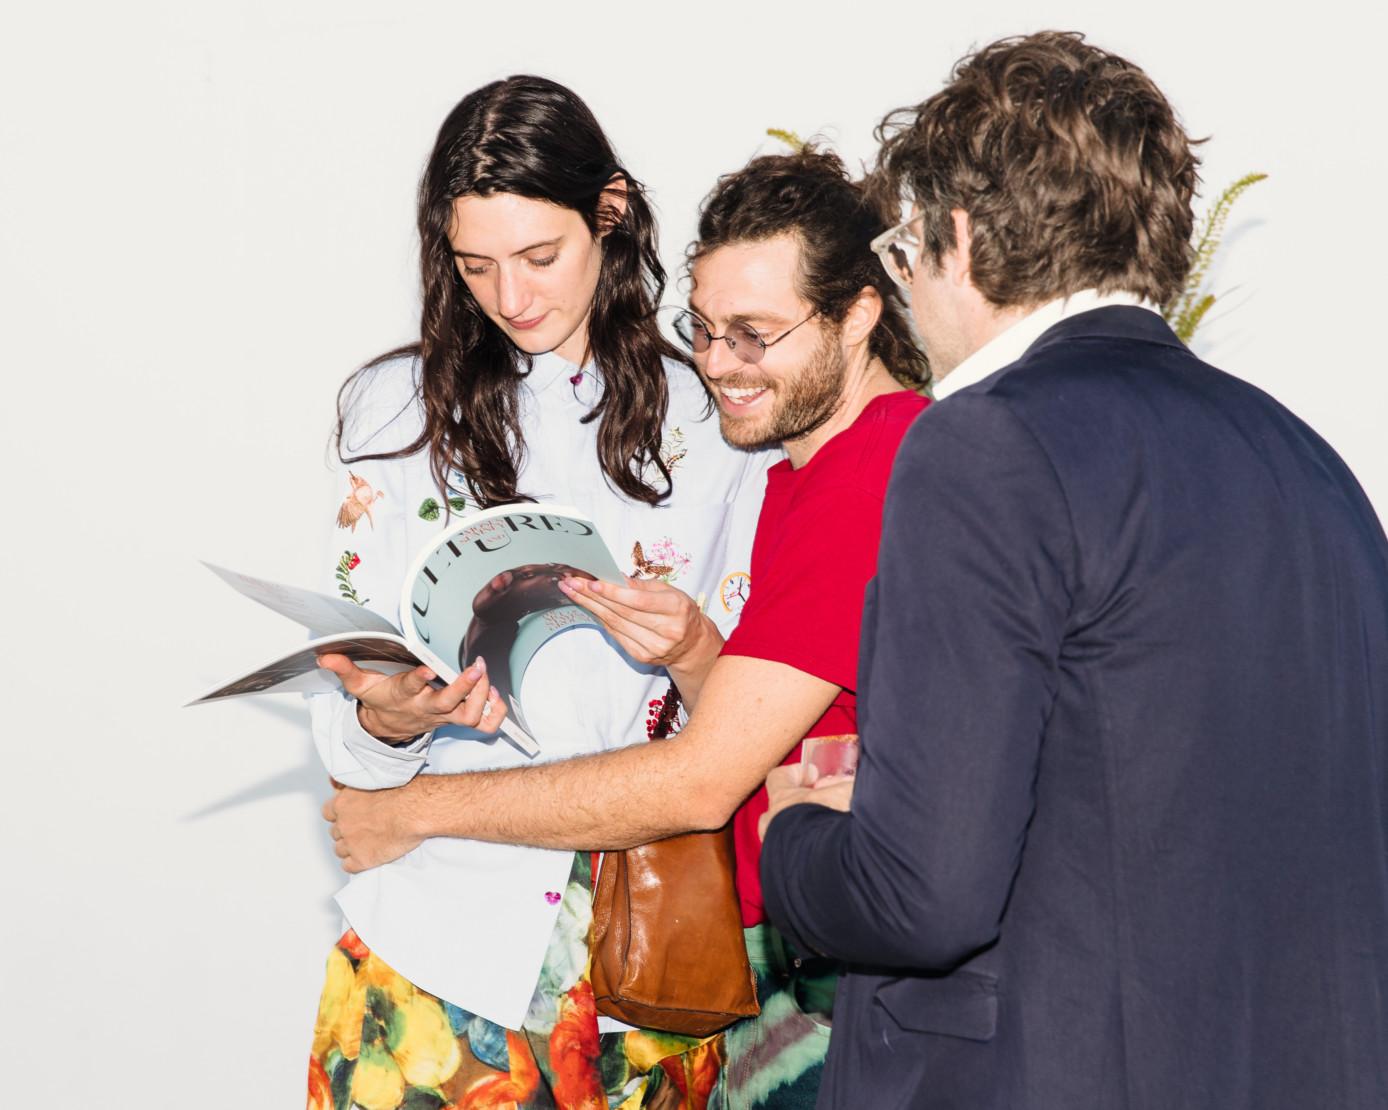 Kat Herriman, Daniel Wenger and Ian Volner.